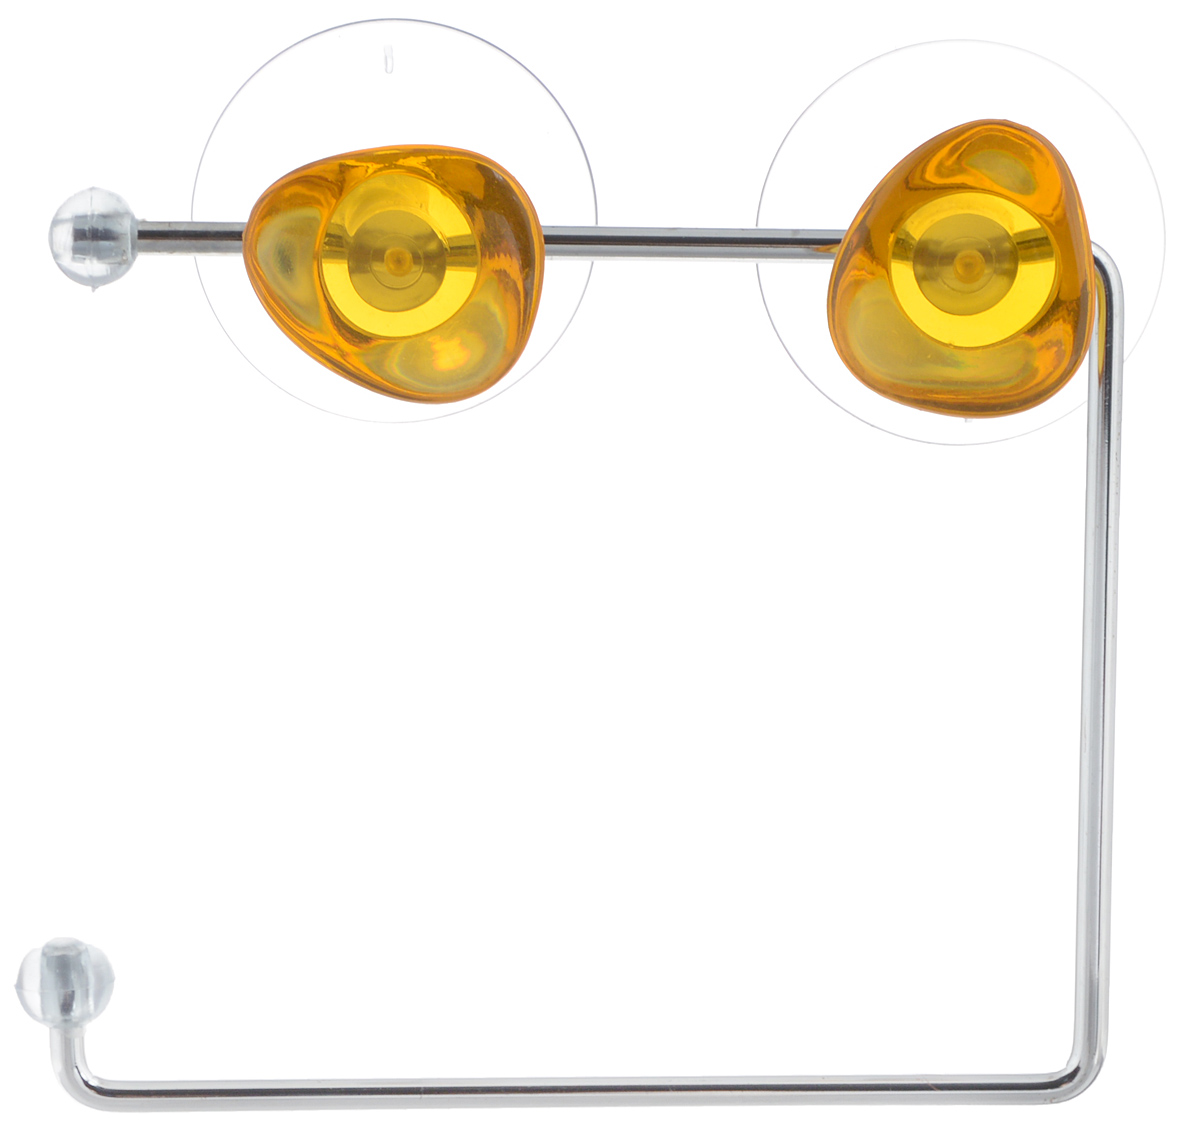 Держатель для туалетной бумаги Axentia Amica, на присосках, цвет: желтый, стальной531-105Держатель для туалетной бумаги Axentia Amica изготовлен из высококачественной стали с хромированным покрытием, которое устойчиво к влажности и перепадам температуры. Держатель поможет оформить интерьер в выбранном стиле, разбавляя пространство туалетной комнаты различными элементами. Он хорошо впишется в любой интерьер, придавая ему черты современности. Для большего удобства изделие крепится к поверхностям с помощью двух присосок из поливинилхлорида (входят в комплект), что дает возможность при необходимости менять их месторасположение. Размер держателя: 14,5 х 12,5 х 4,5 см. Диаметр присоски: 5,5 см.